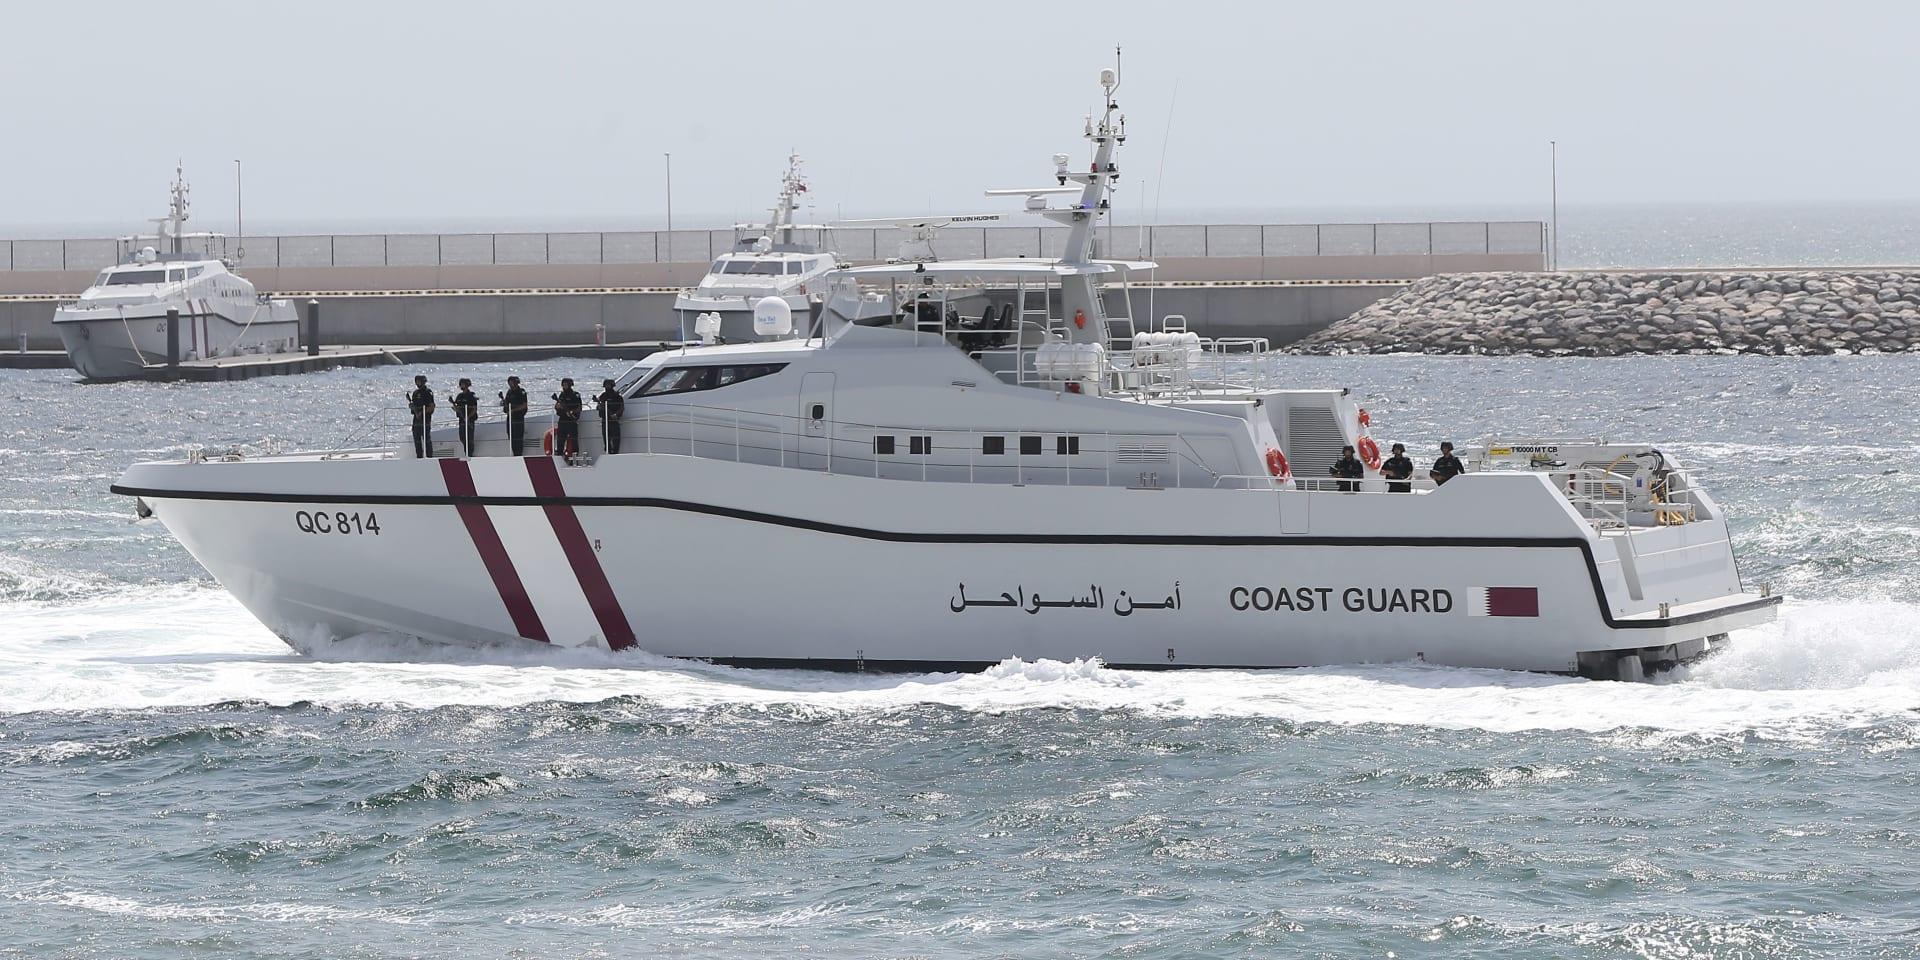 صورة أرشيفية لزورق بخفر السواحل القطري